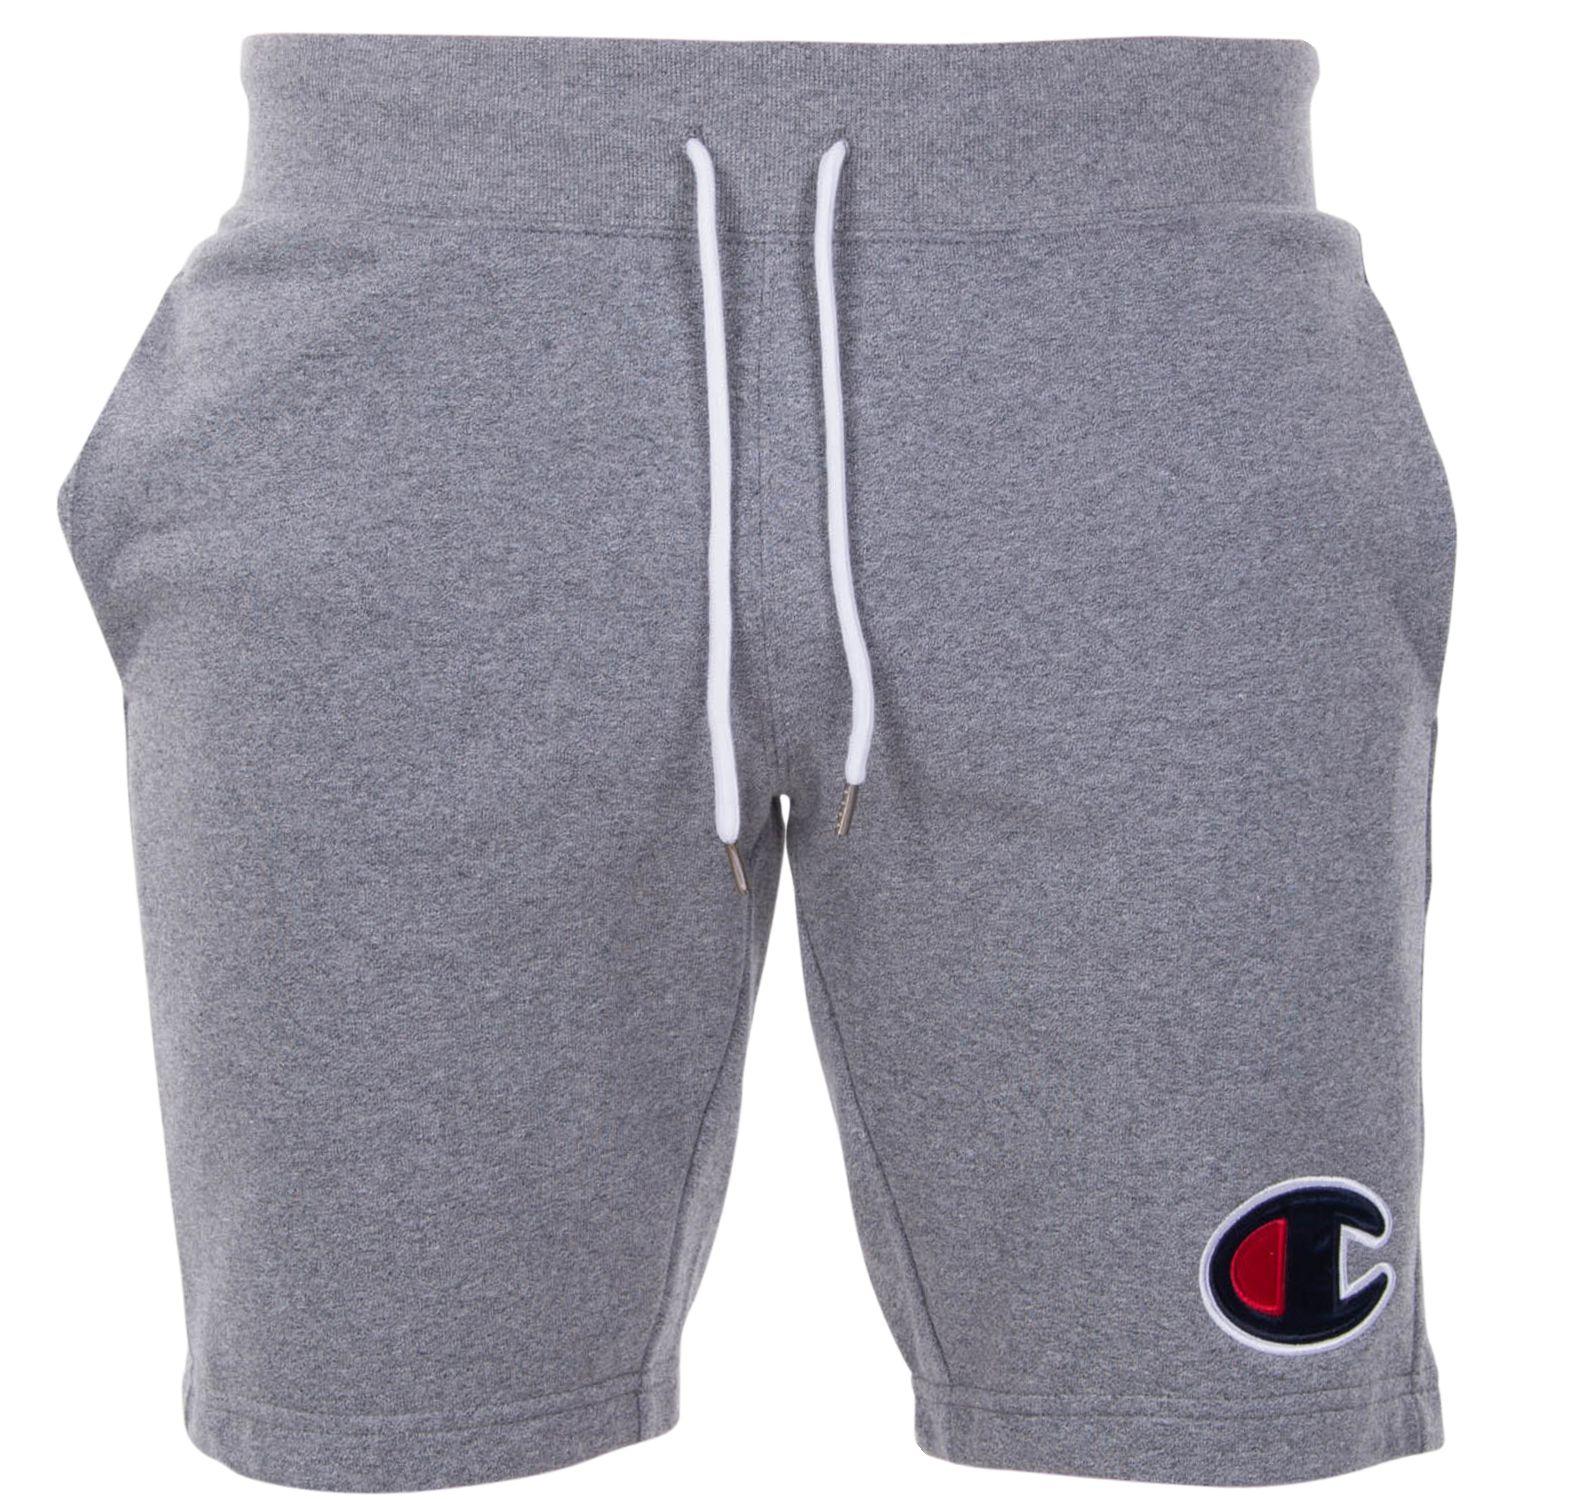 bermuda, graphite grey melange jaspþ ya, l,  shorts